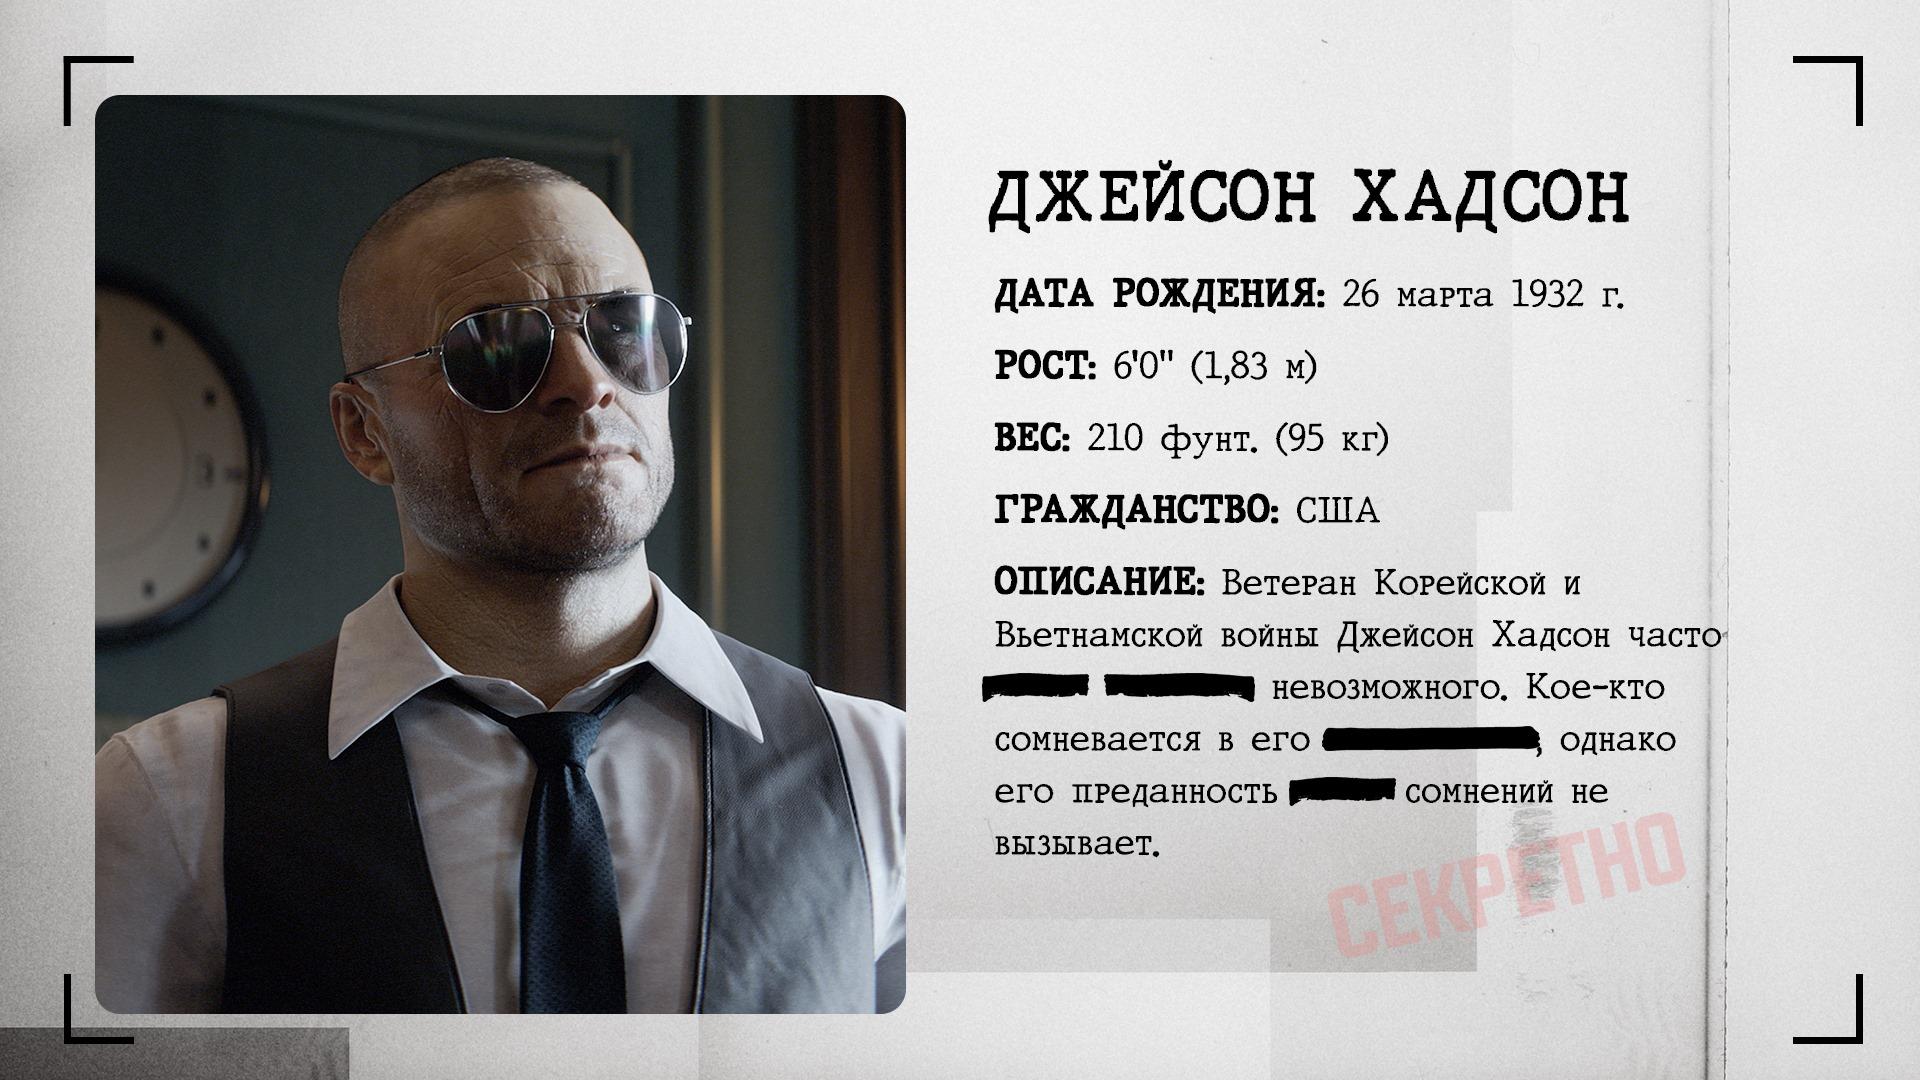 Локации и оперативники — детали одиночной кампании Call of Duty: Black Ops Cold War